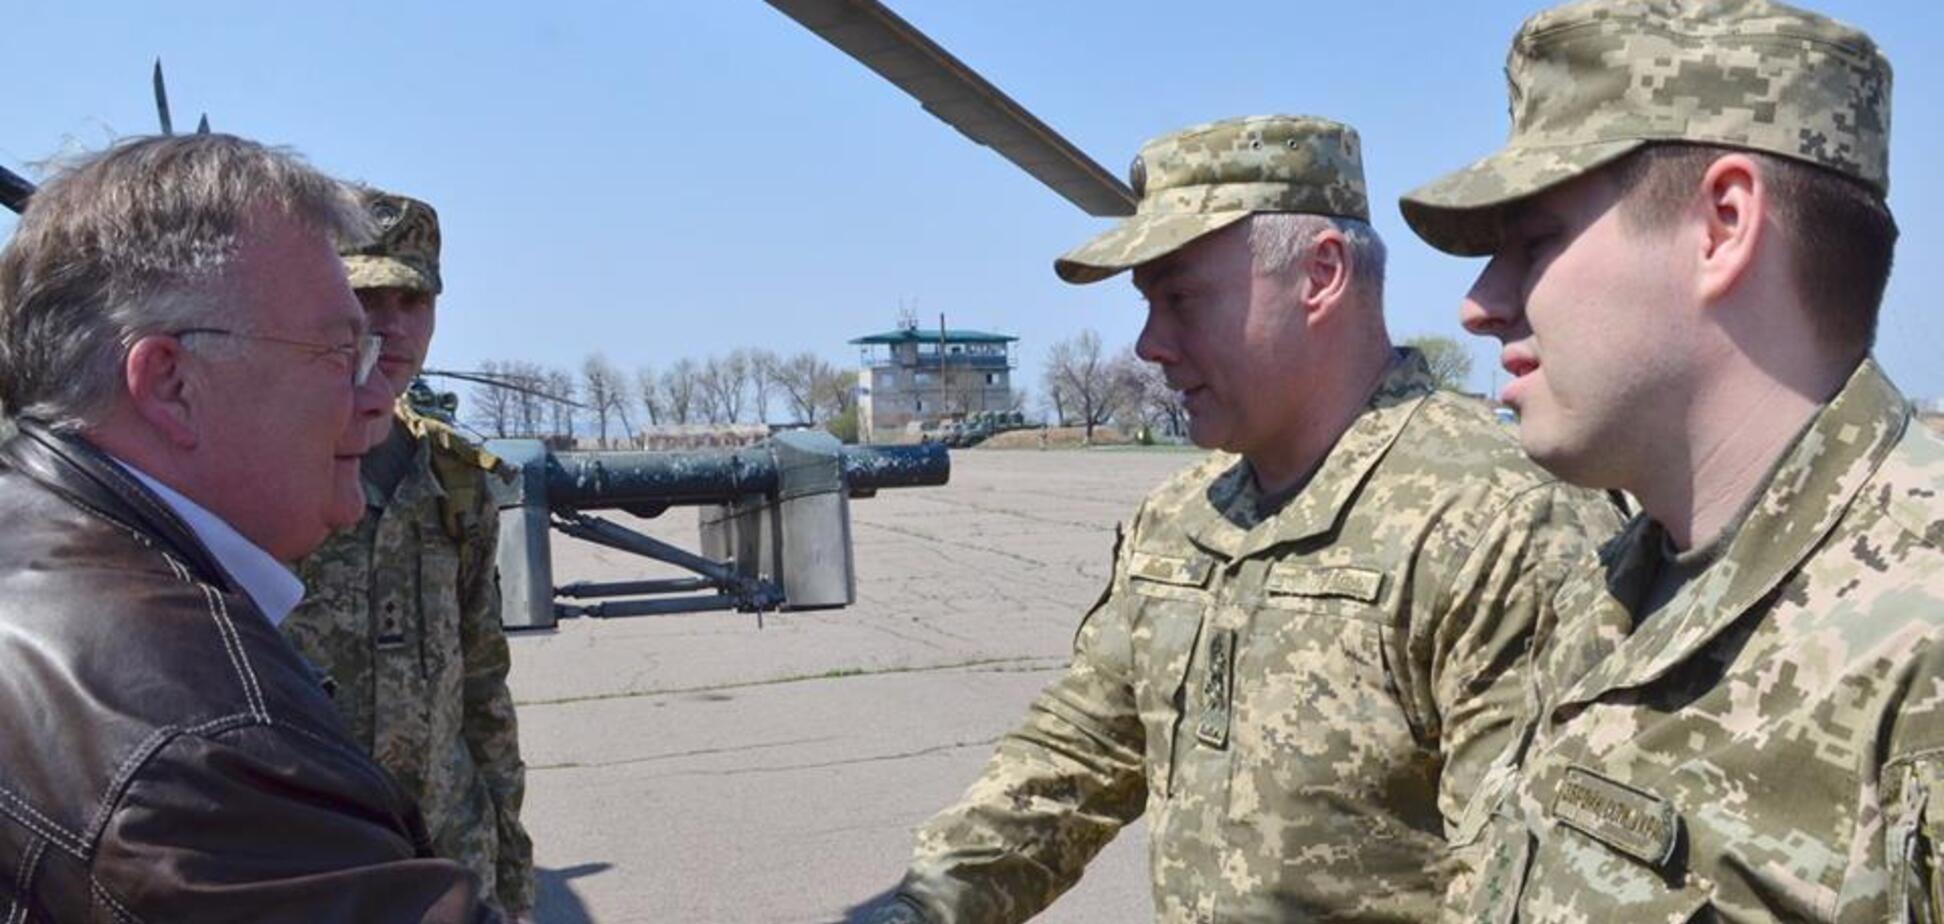 Оцінив наслідки 'русского міра': зону ООС відвідав глава Міноборони країни ЄС